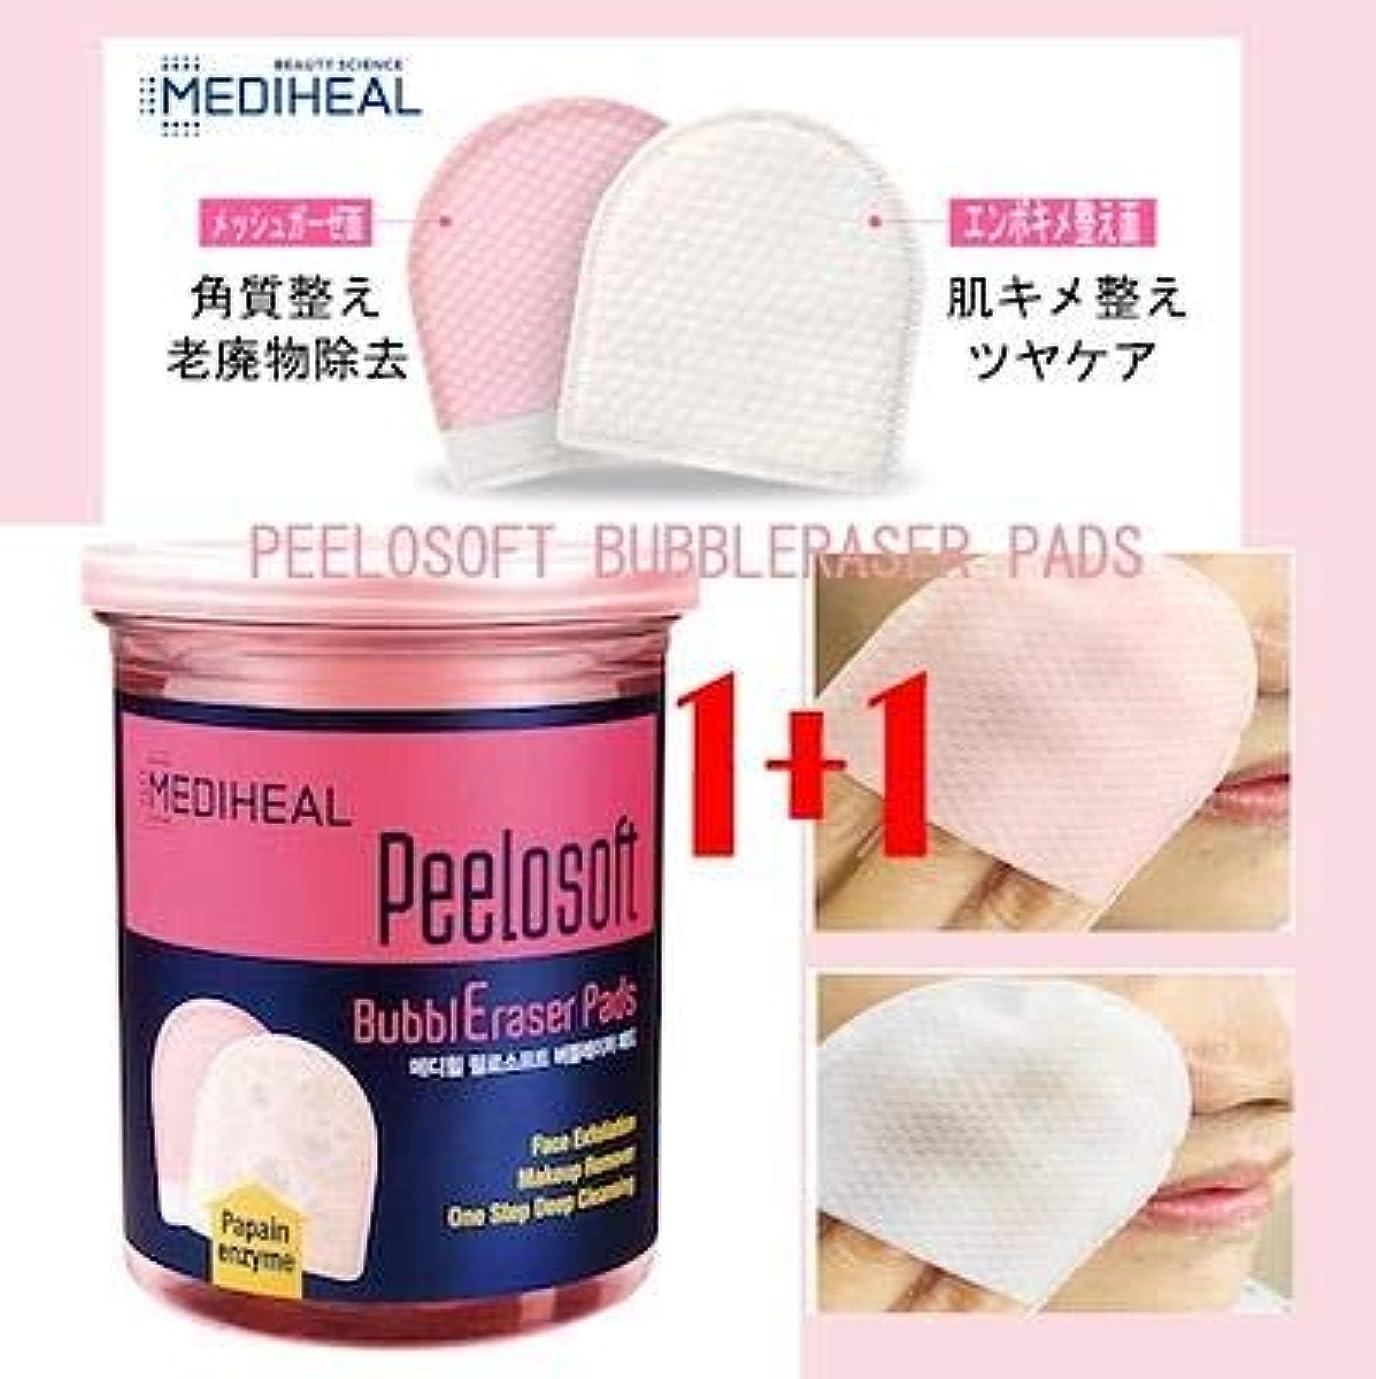 欠席矛盾ゆり[MEDIHEAL] 1+1 メディヒール Peelosoft BubblEraser Pads ピローソフト バブルレーザー パッド [20枚+ 20枚]